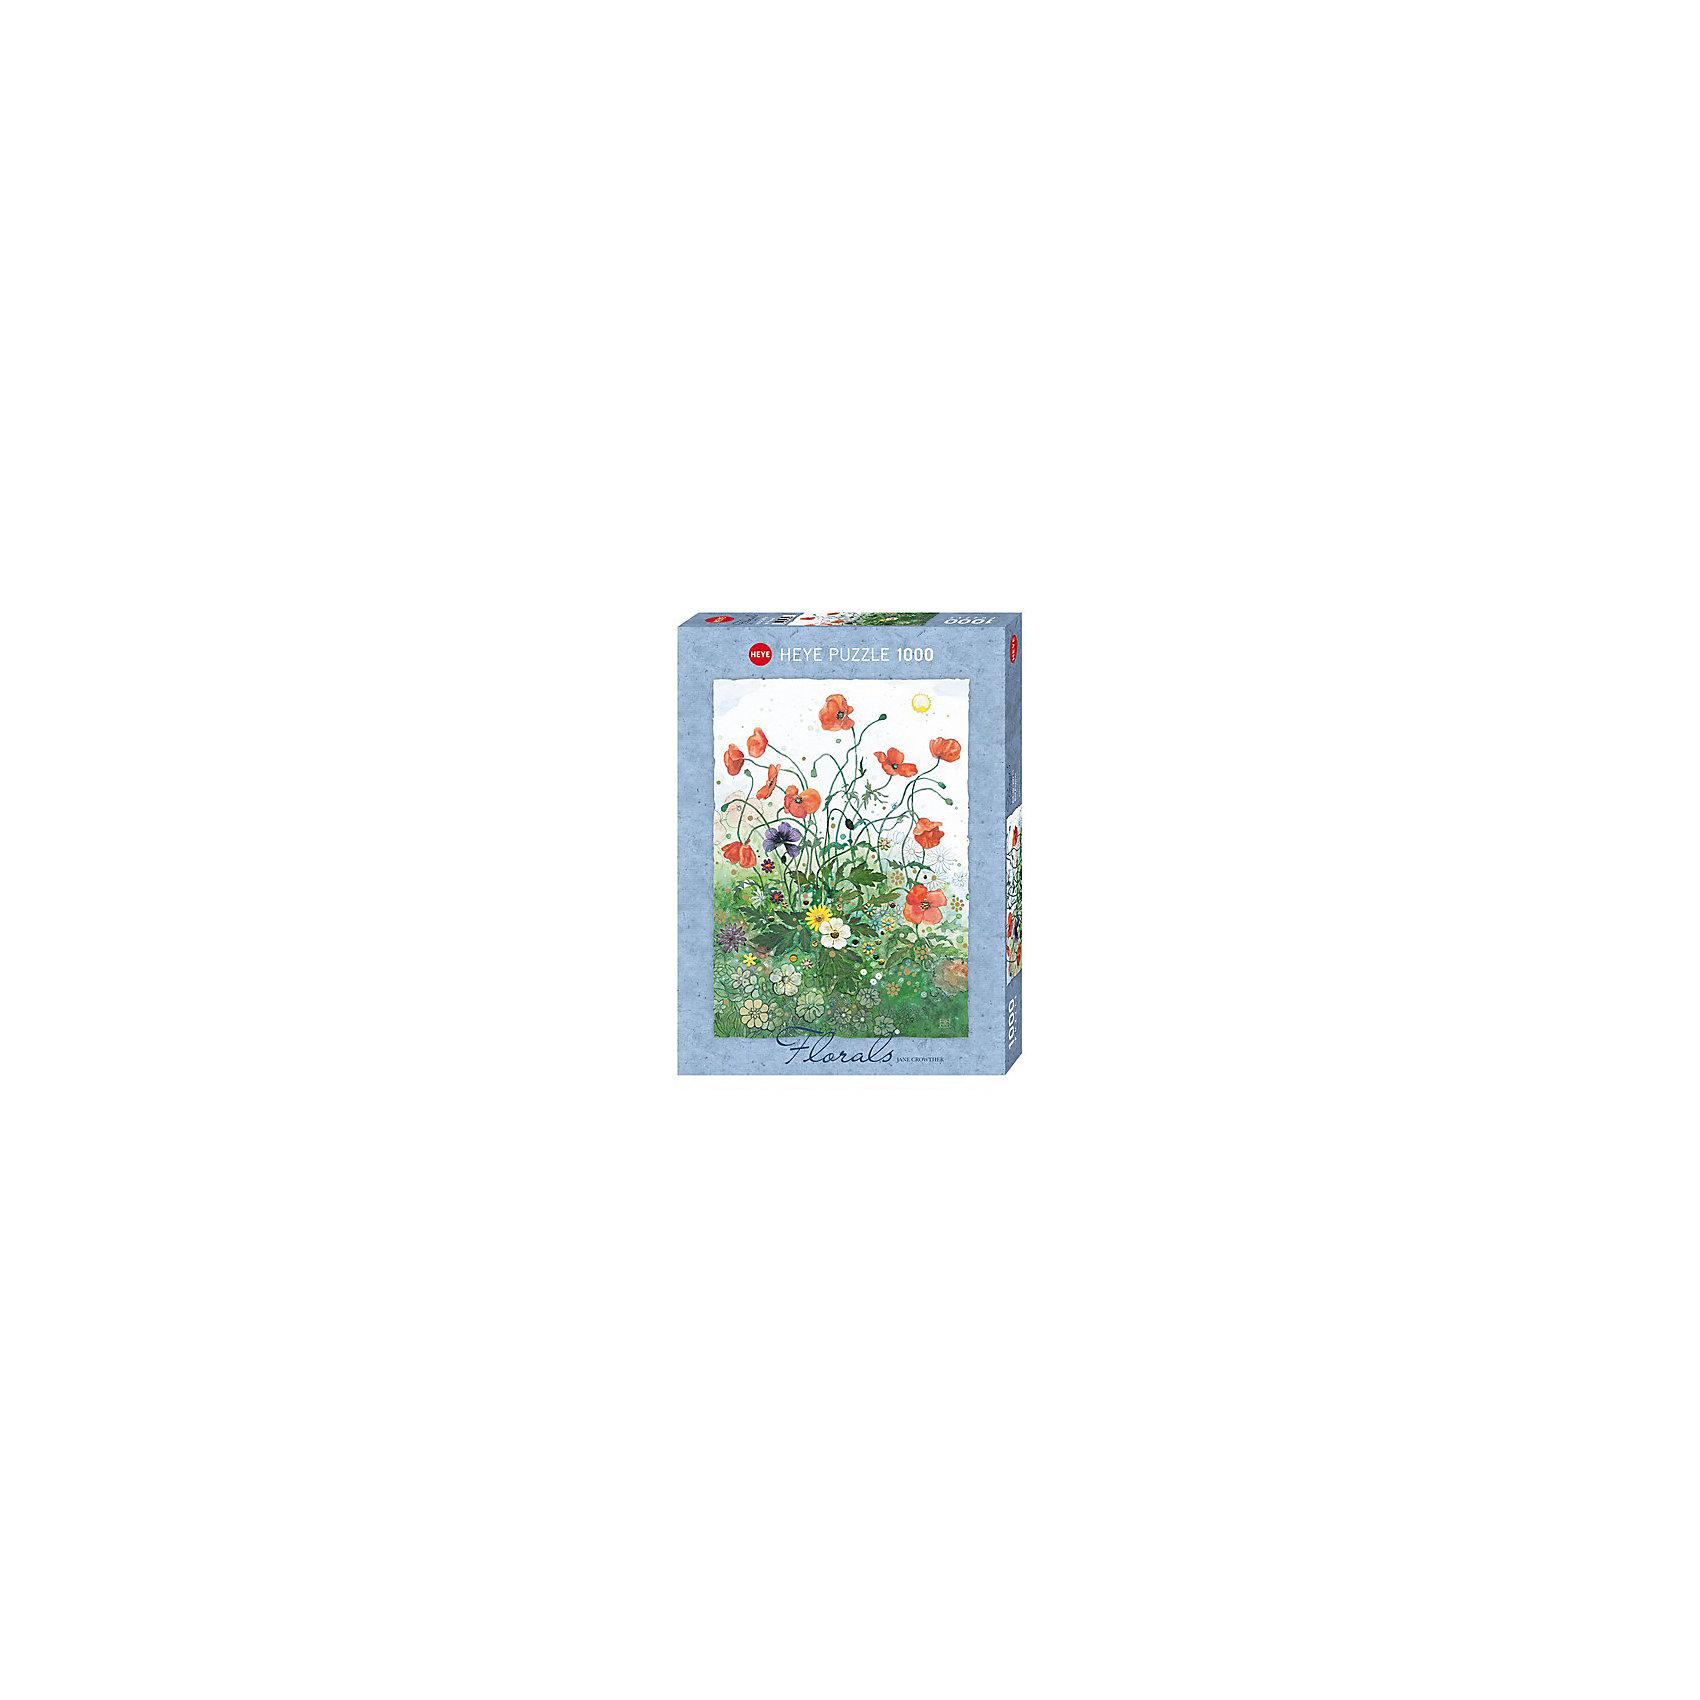 Пазлы Маки, 1000 деталей, с фольгой, HeyeКлассические пазлы<br>Характеристики товара:<br><br>• возраст: от 8 лет<br>• количество деталей: 1000 деталей <br>• размер собранного пазла: 70х50 см.<br>• материал: картон<br>• упаковка: картонная коробка в форме треугольника<br>• размер упаковки: 37х27х5 см.<br>• вес: 840 гр.<br>• страна обладатель бренда: Германия<br>                                                                                                                       Яркие элементы  пазла образуют красочную и романтичную картину красных маков в поле, которая замечательно дополнит интерьер и будет поднимать настроение вам и окружающим. <br><br>Оригинальная упаковка пазла в виде треугольника отлично подойдет в качестве оригинального незабываемого подарка подарка.<br><br>Качественный материал элементов пазла позволяет  собрать и сохранить картину, создавая в меру глянцевый эффект (а значит не сильно бликующий) и хорошую сцепку деталей. <br><br>Сбор элементов в одно изображение способствует развитию образного и логического мышления. Является увлекательным и интересным процессом, который в свою очередь обладает великолепным  релаксационным эффектом.<br><br>Пазл Маки, 1000 деталей, HEYE ( ХАЙЕ) можно купить в нашем интернет-магазине.<br><br>Ширина мм: 371<br>Глубина мм: 55<br>Высота мм: 271<br>Вес г: 840<br>Возраст от месяцев: 216<br>Возраст до месяцев: 2147483647<br>Пол: Унисекс<br>Возраст: Детский<br>SKU: 6881440